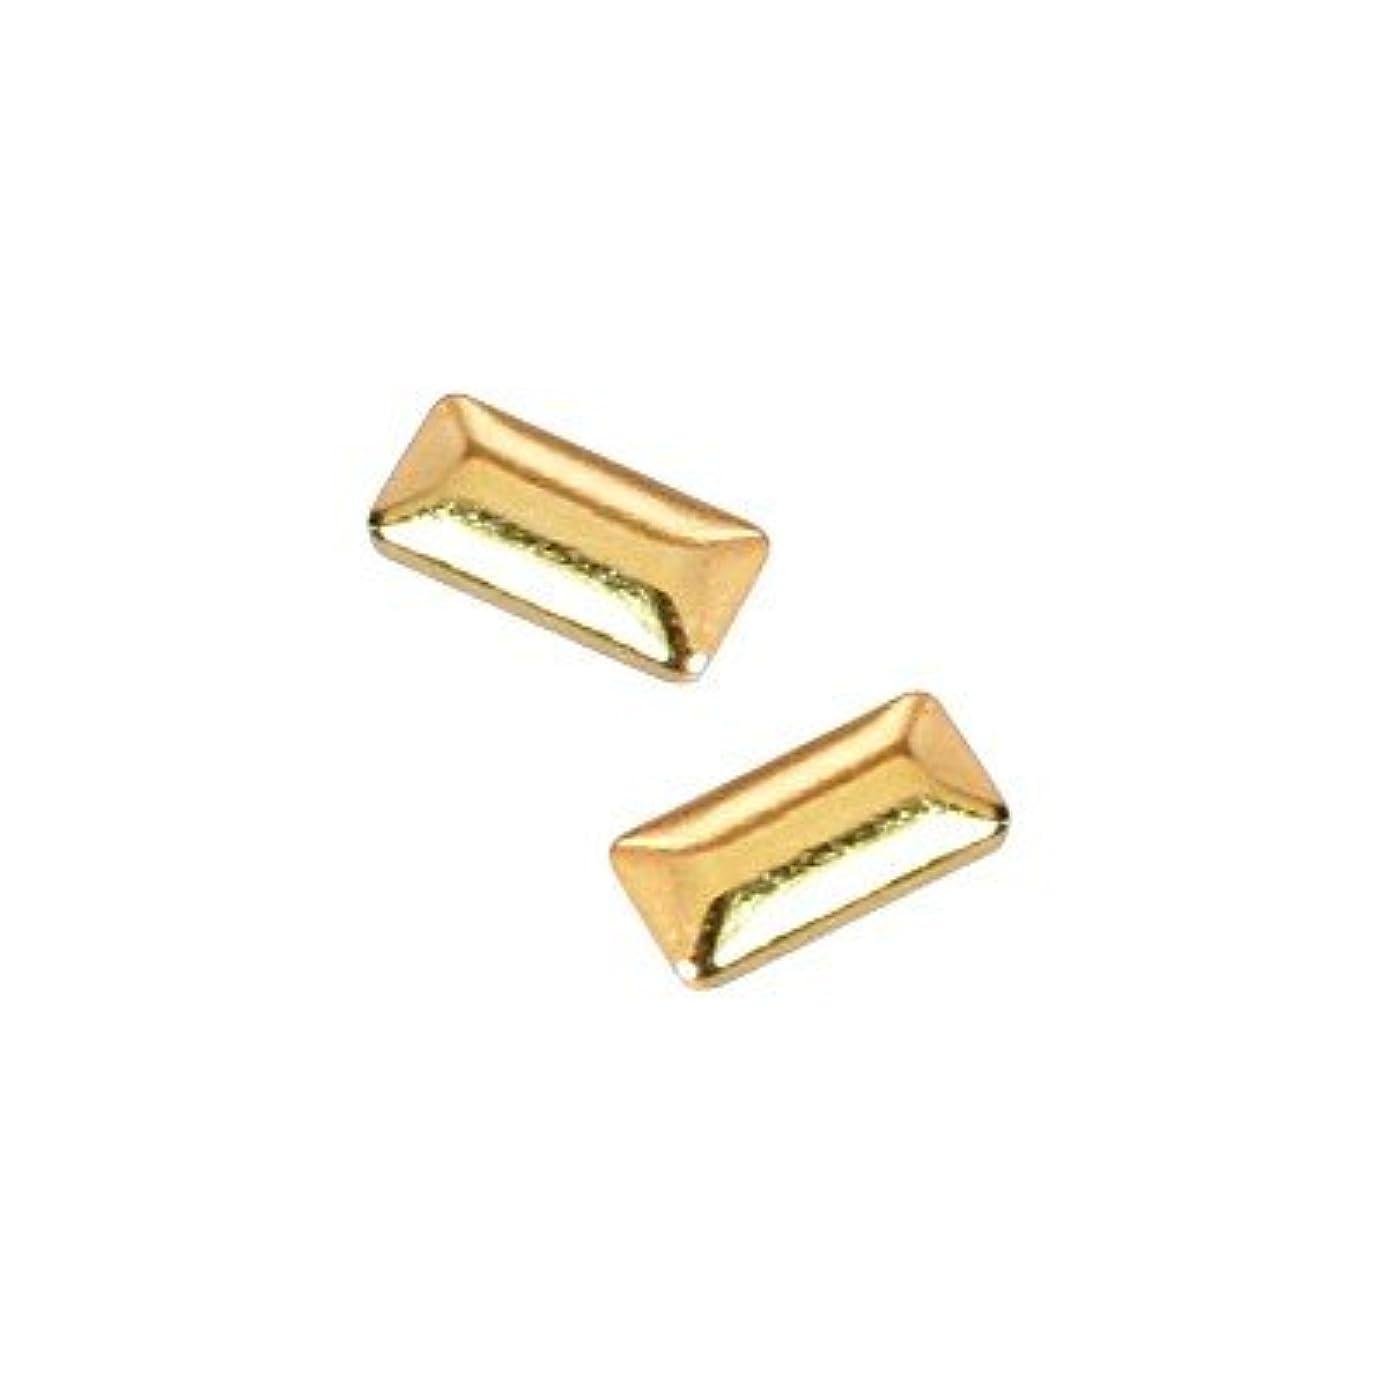 最小コイルユダヤ人ピアドラ スタッズ メタル長方形 1×3mm 50P ゴールド